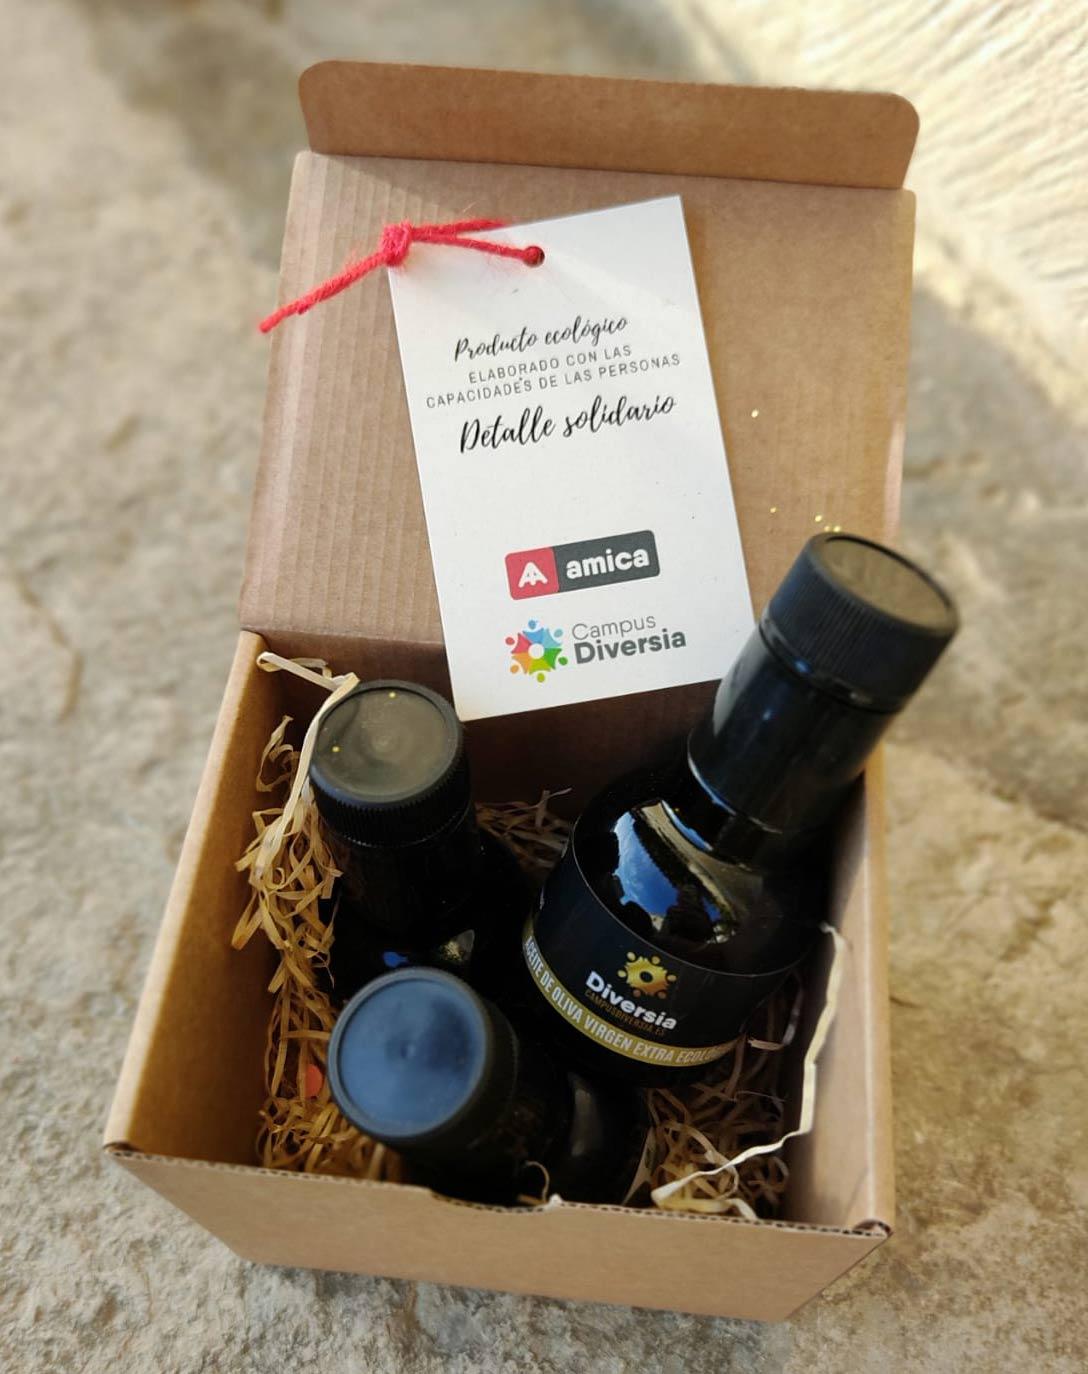 Lote de 3 botellas de Aceite de oliva virgen extra solidarias de Amica 250ml